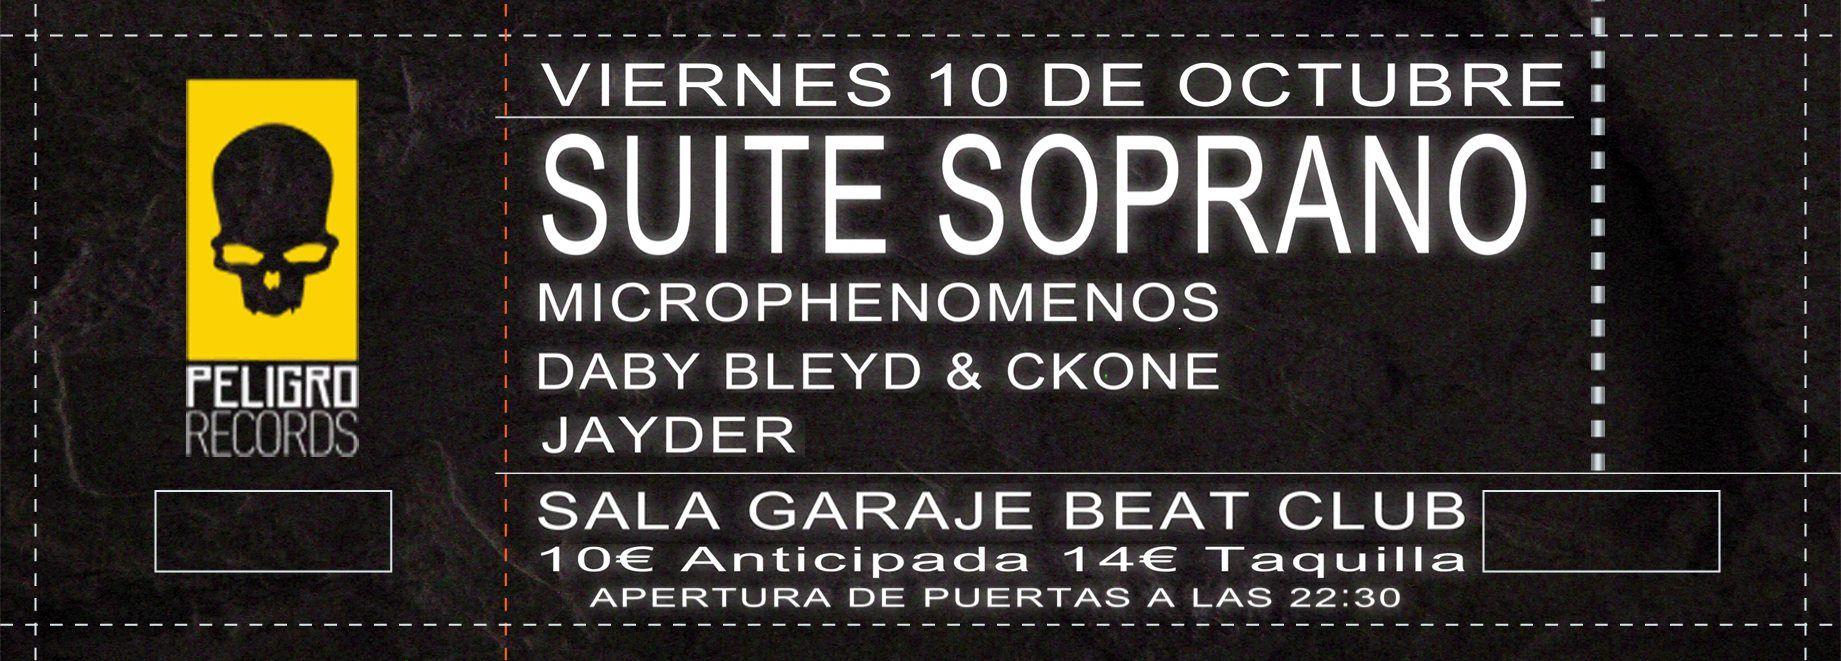 Suite Soprano en concierto junto a Microphenomenos, Daby Bleyd, Ckone y Jayder